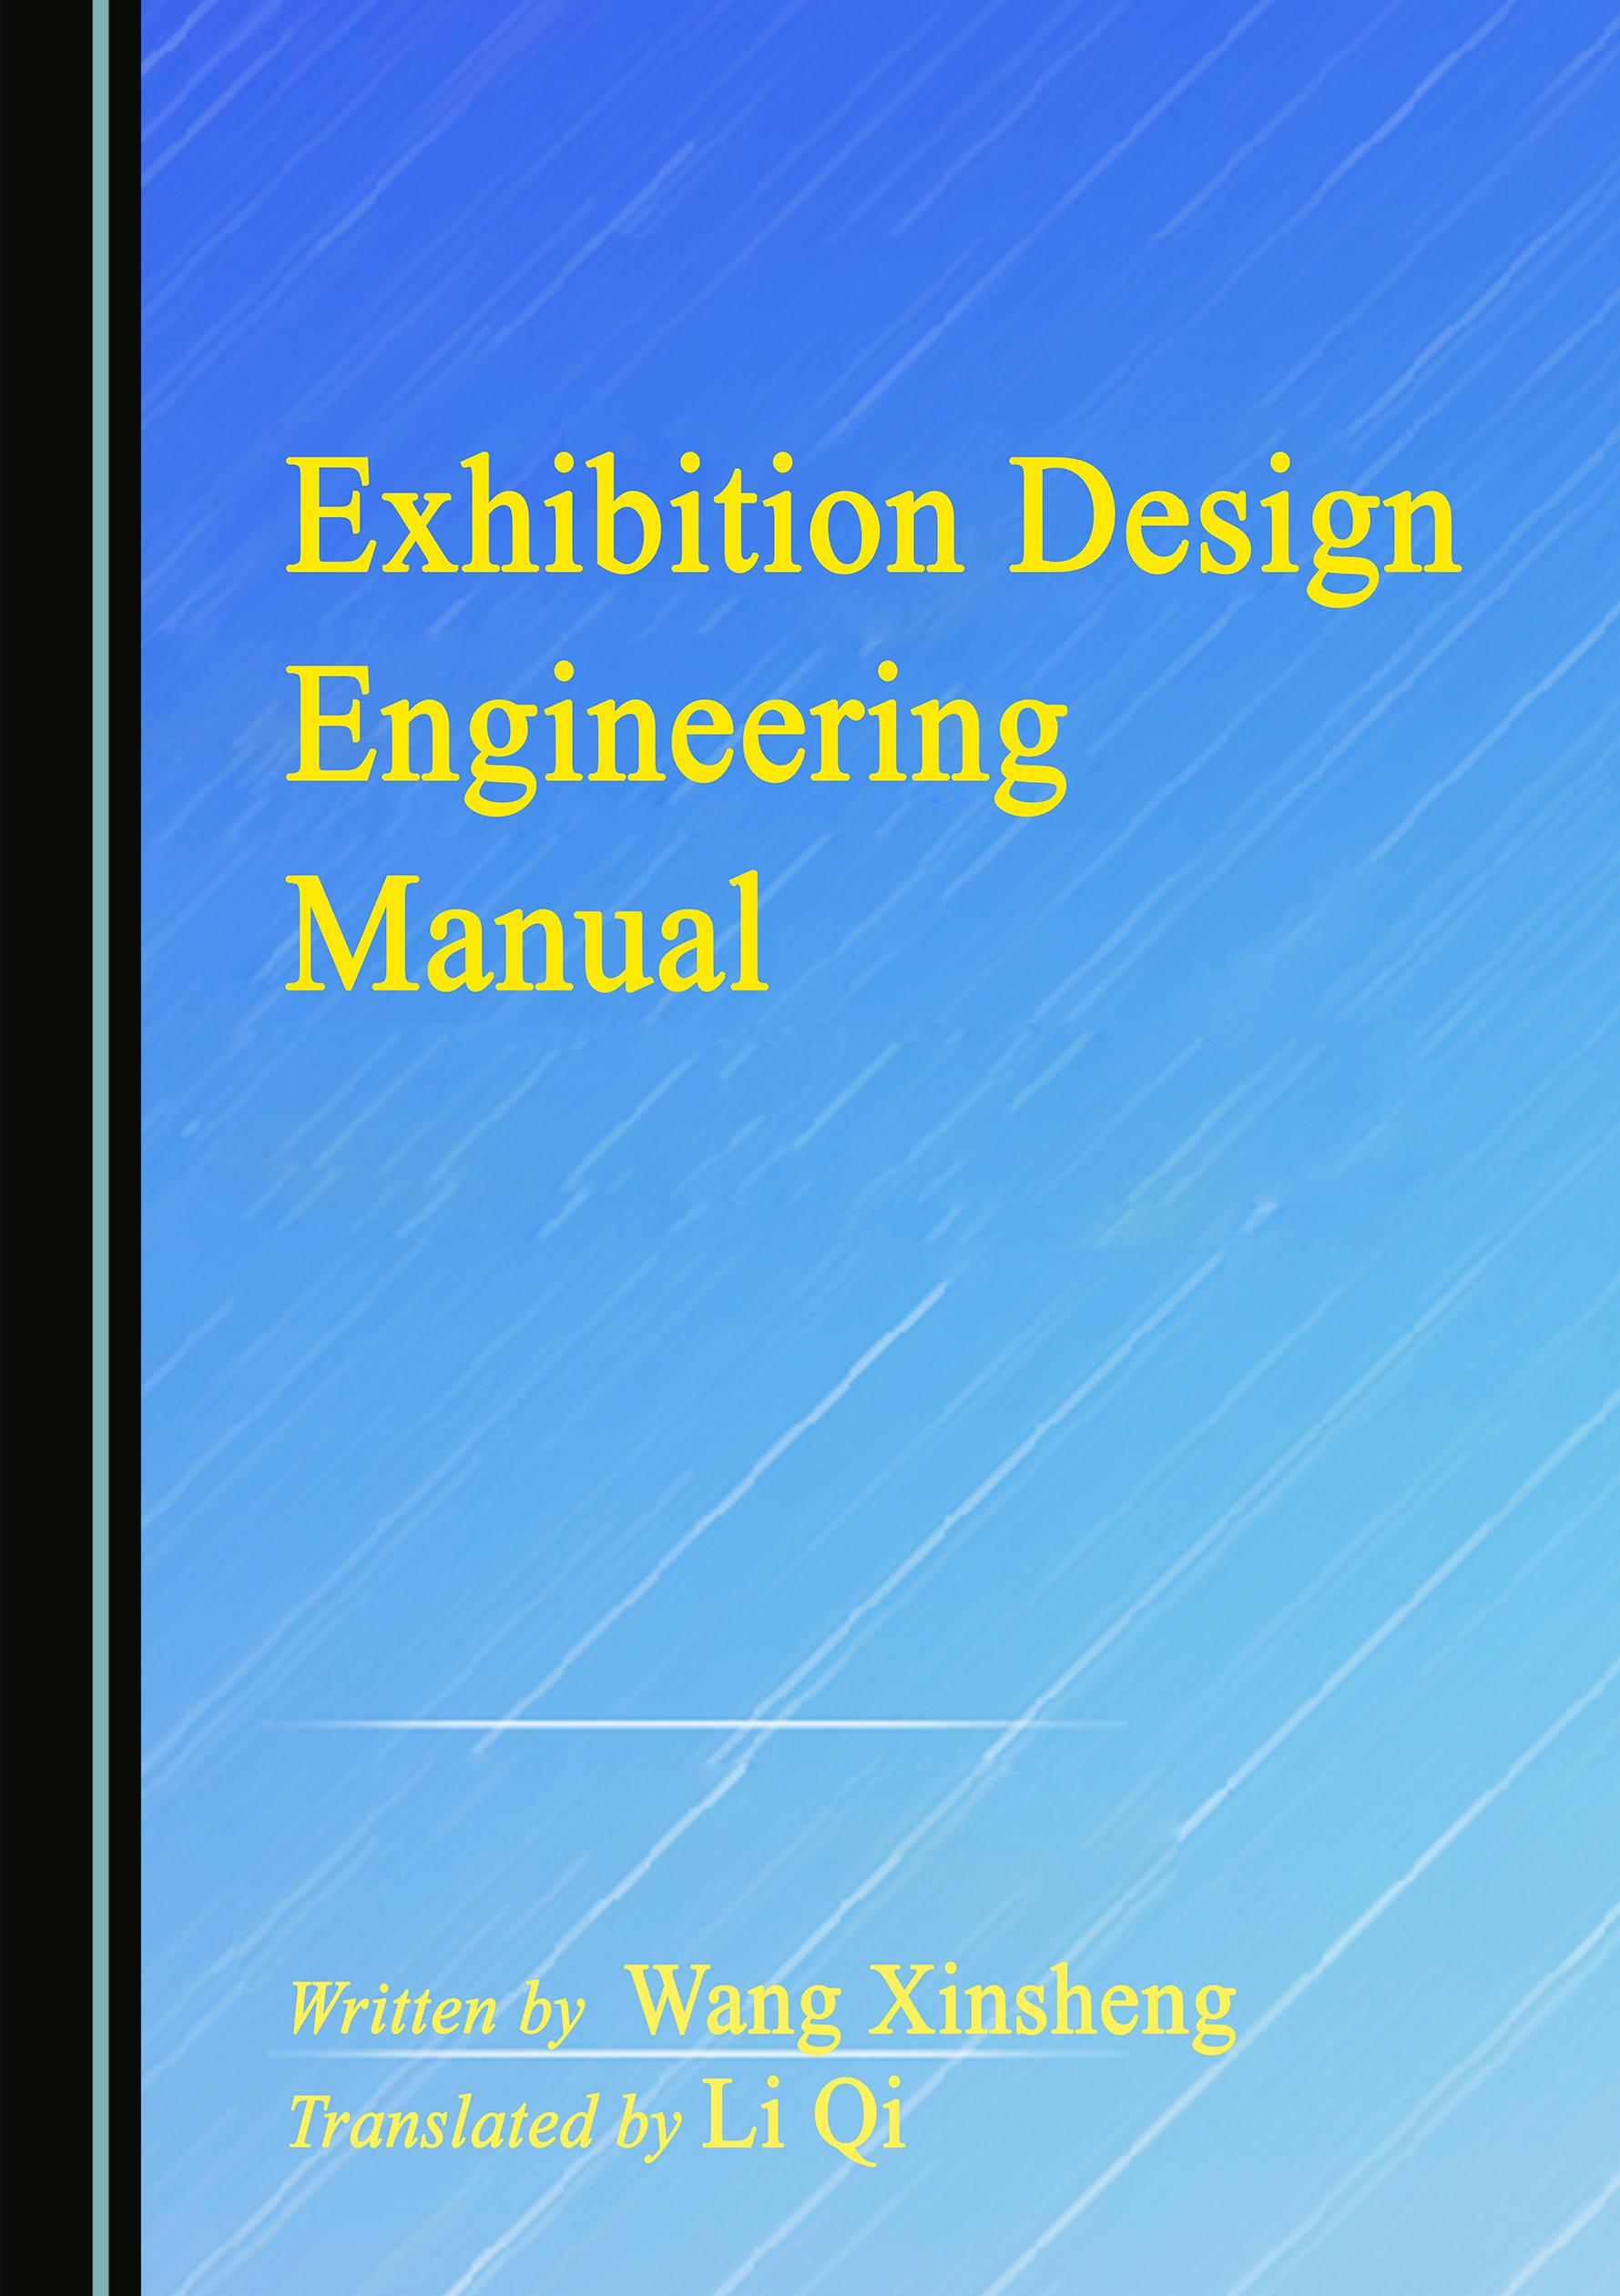 Exhibition Design Engineering Manual